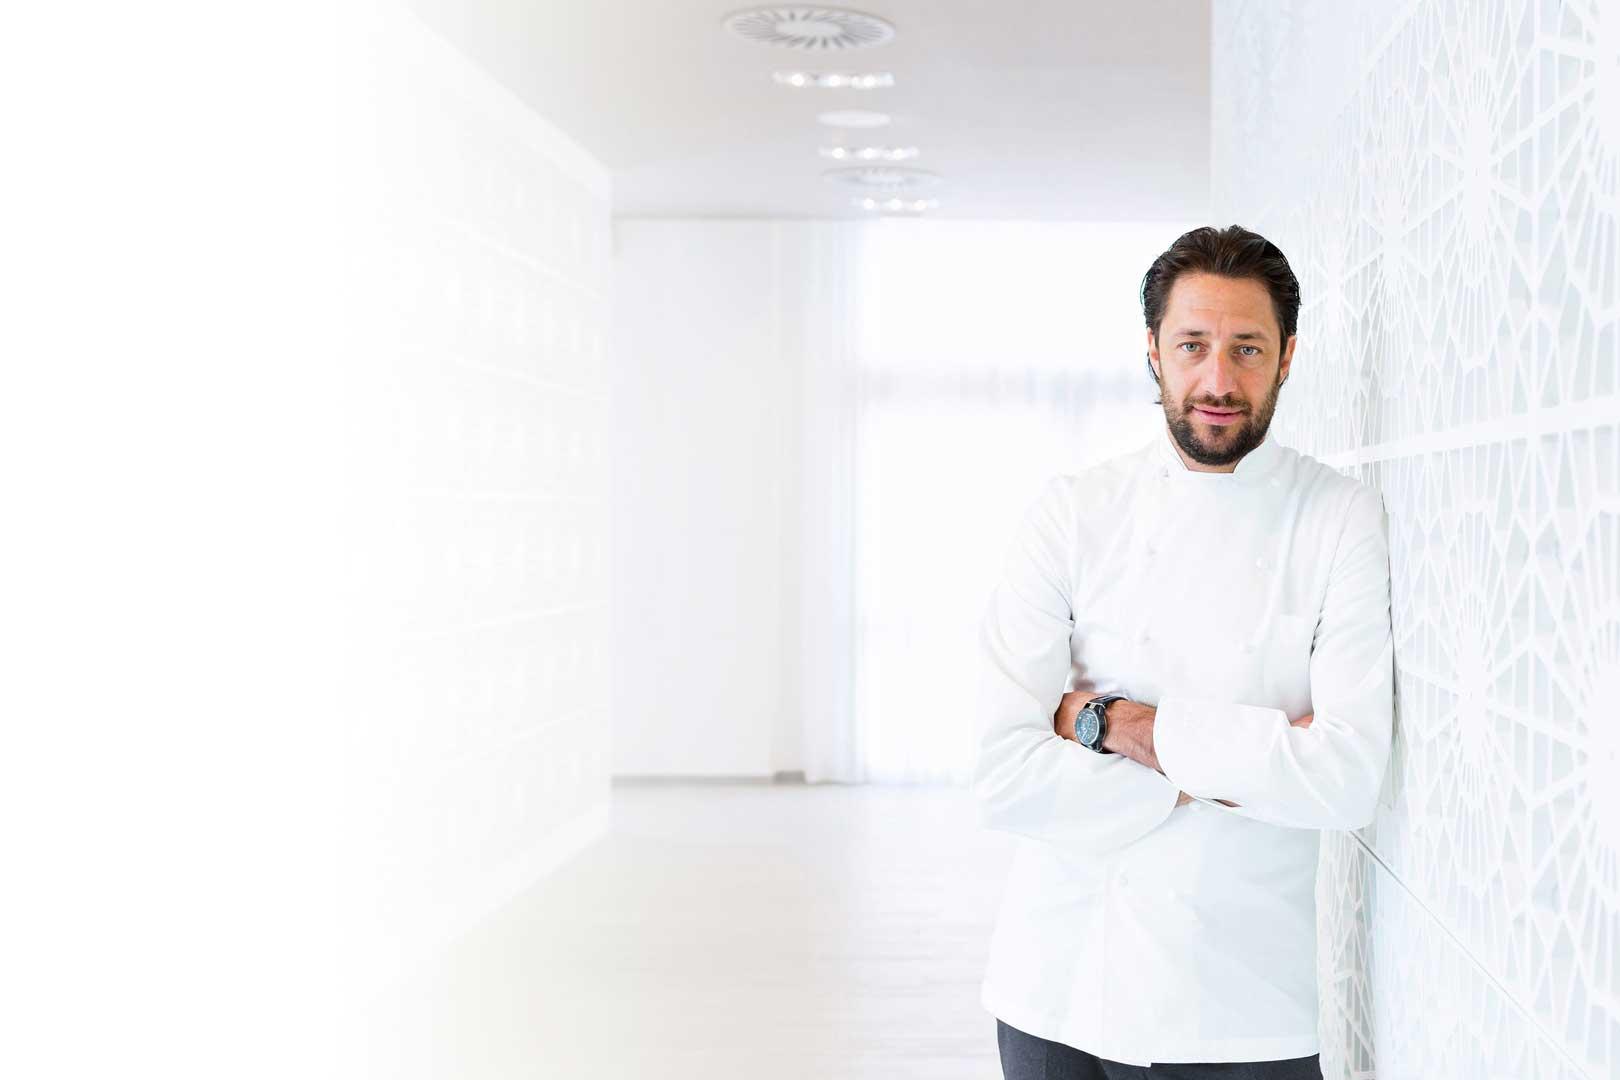 Chef Taglienti, Lume and Liguria's lost flavors